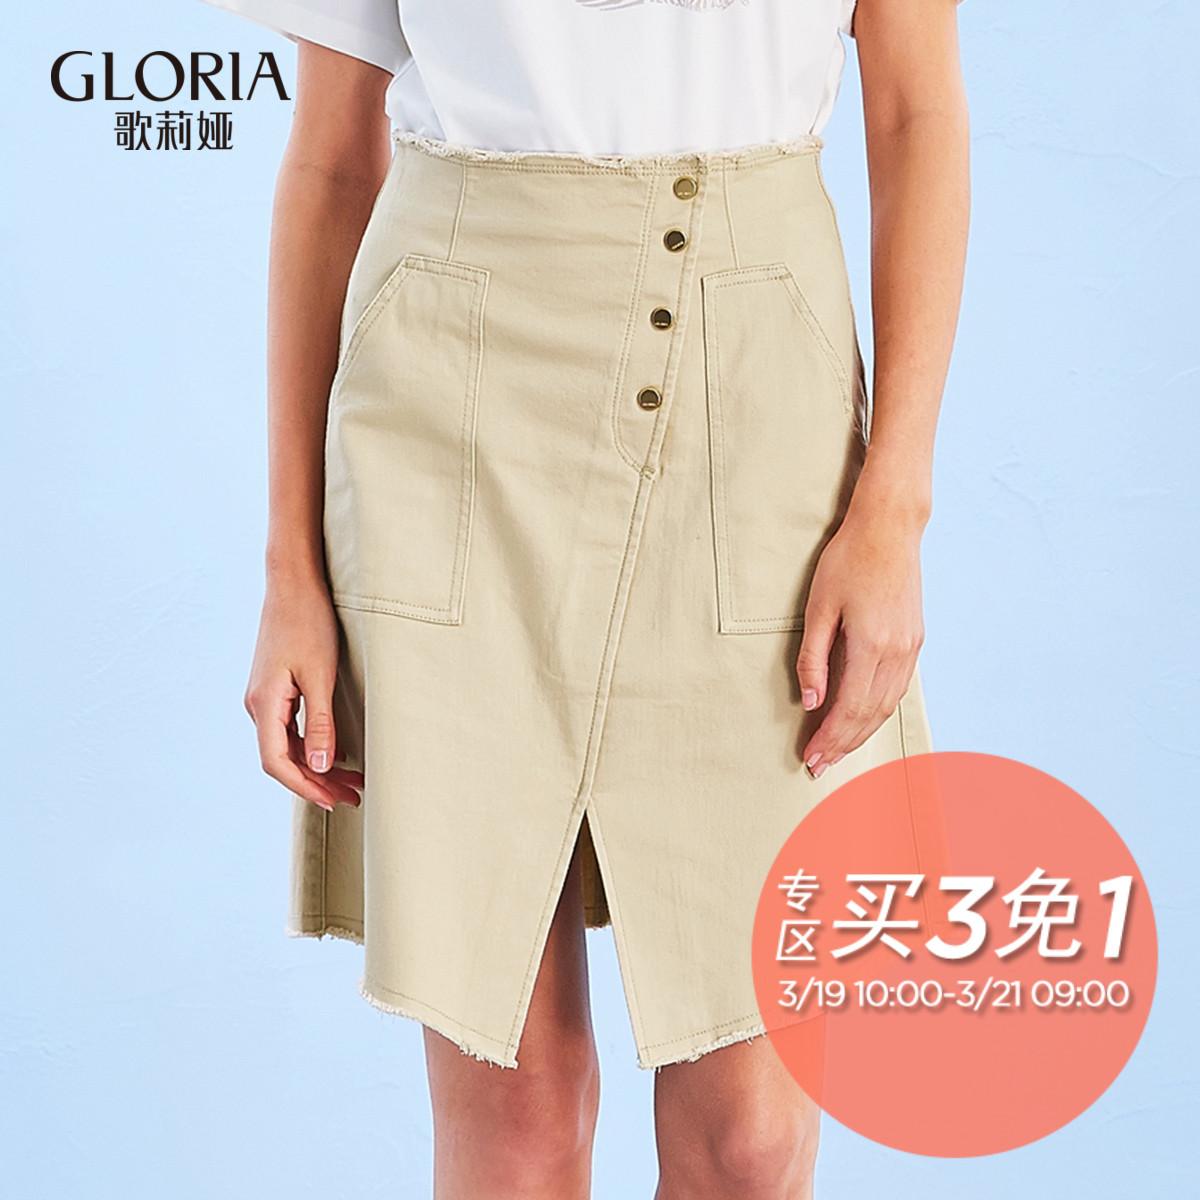 歌莉娅女装 GLORIA歌莉娅天丝棉A型高腰开叉牛仔短裙半身裙175C2F02A_推荐淘宝好看的歌莉娅